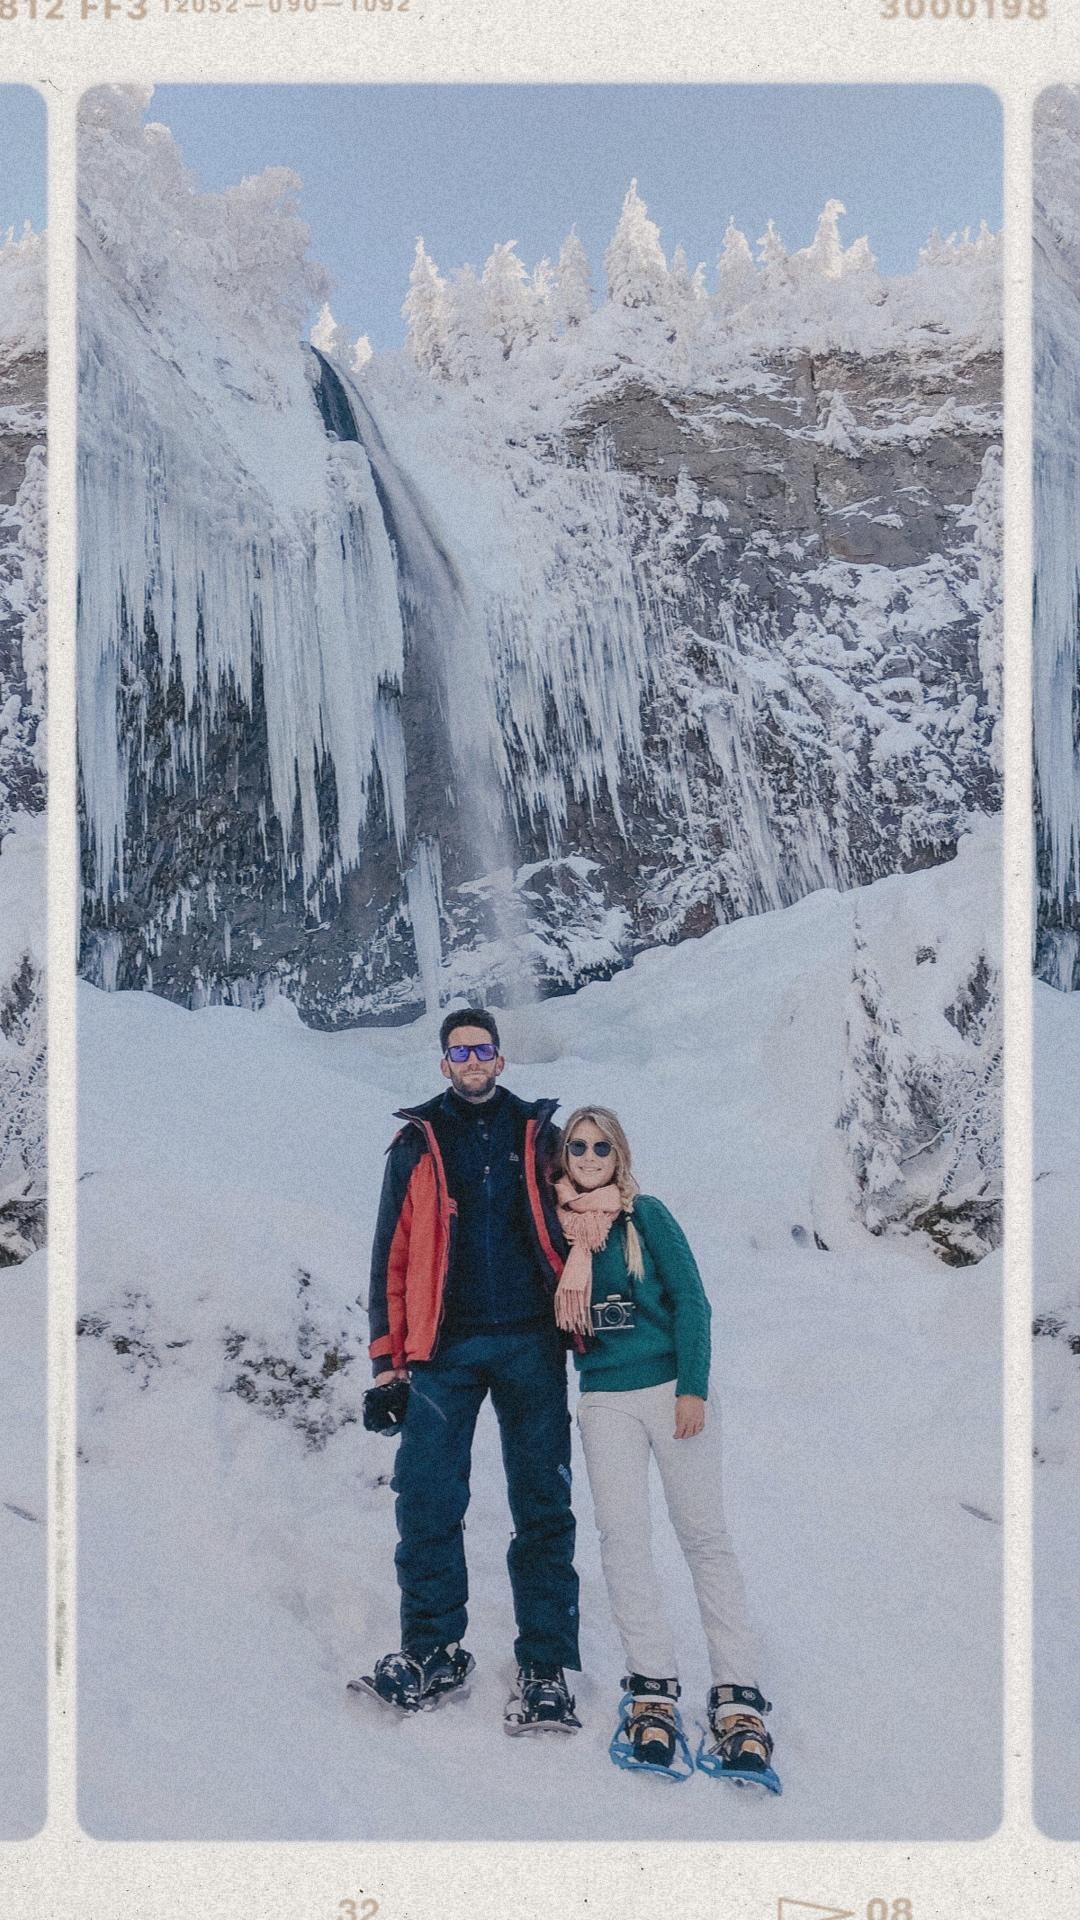 Grande cascade - Mont-dore